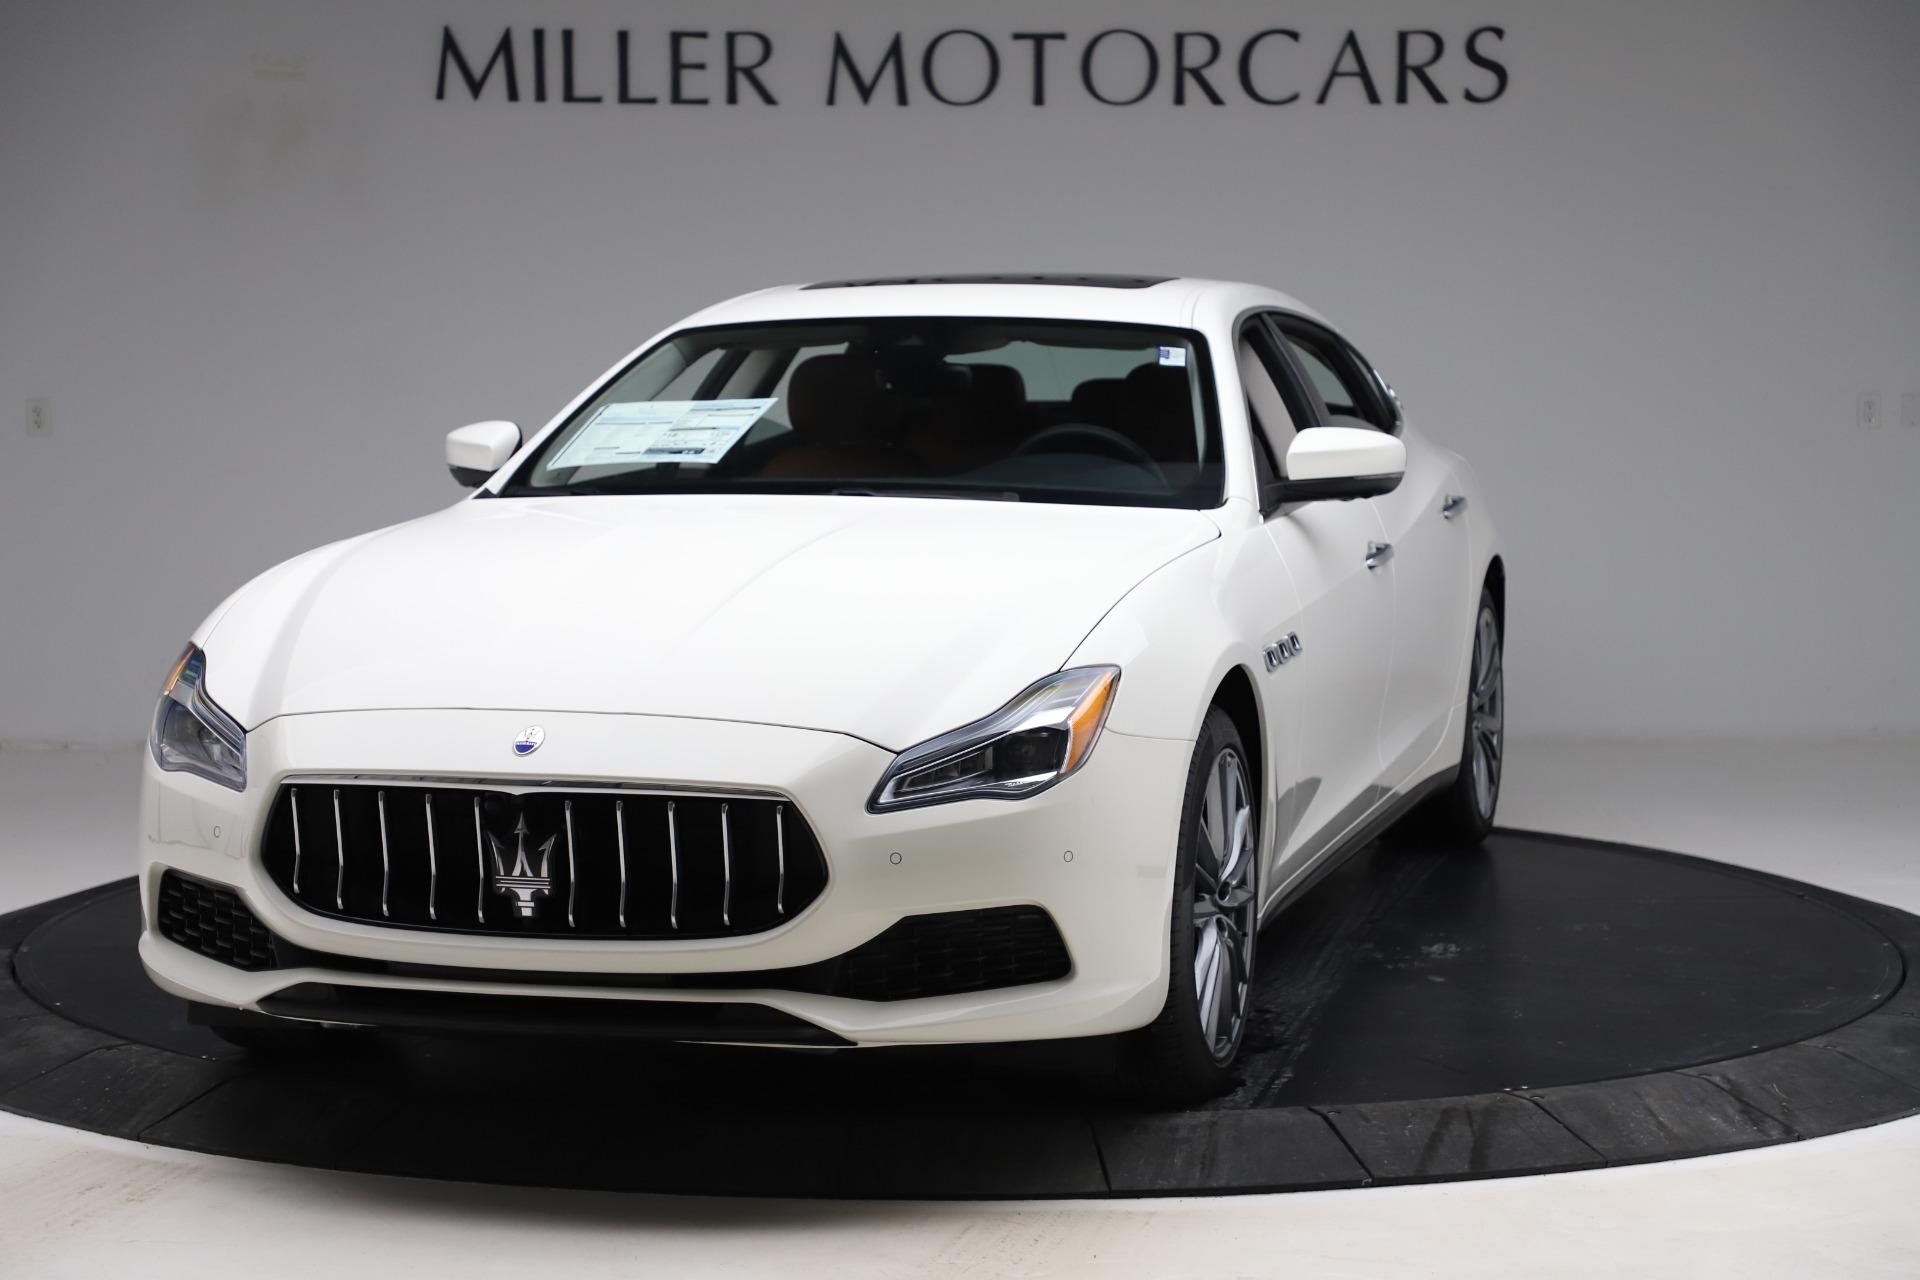 New 2020 Maserati Quattroporte S Q4 for sale $109,895 at Pagani of Greenwich in Greenwich CT 06830 1